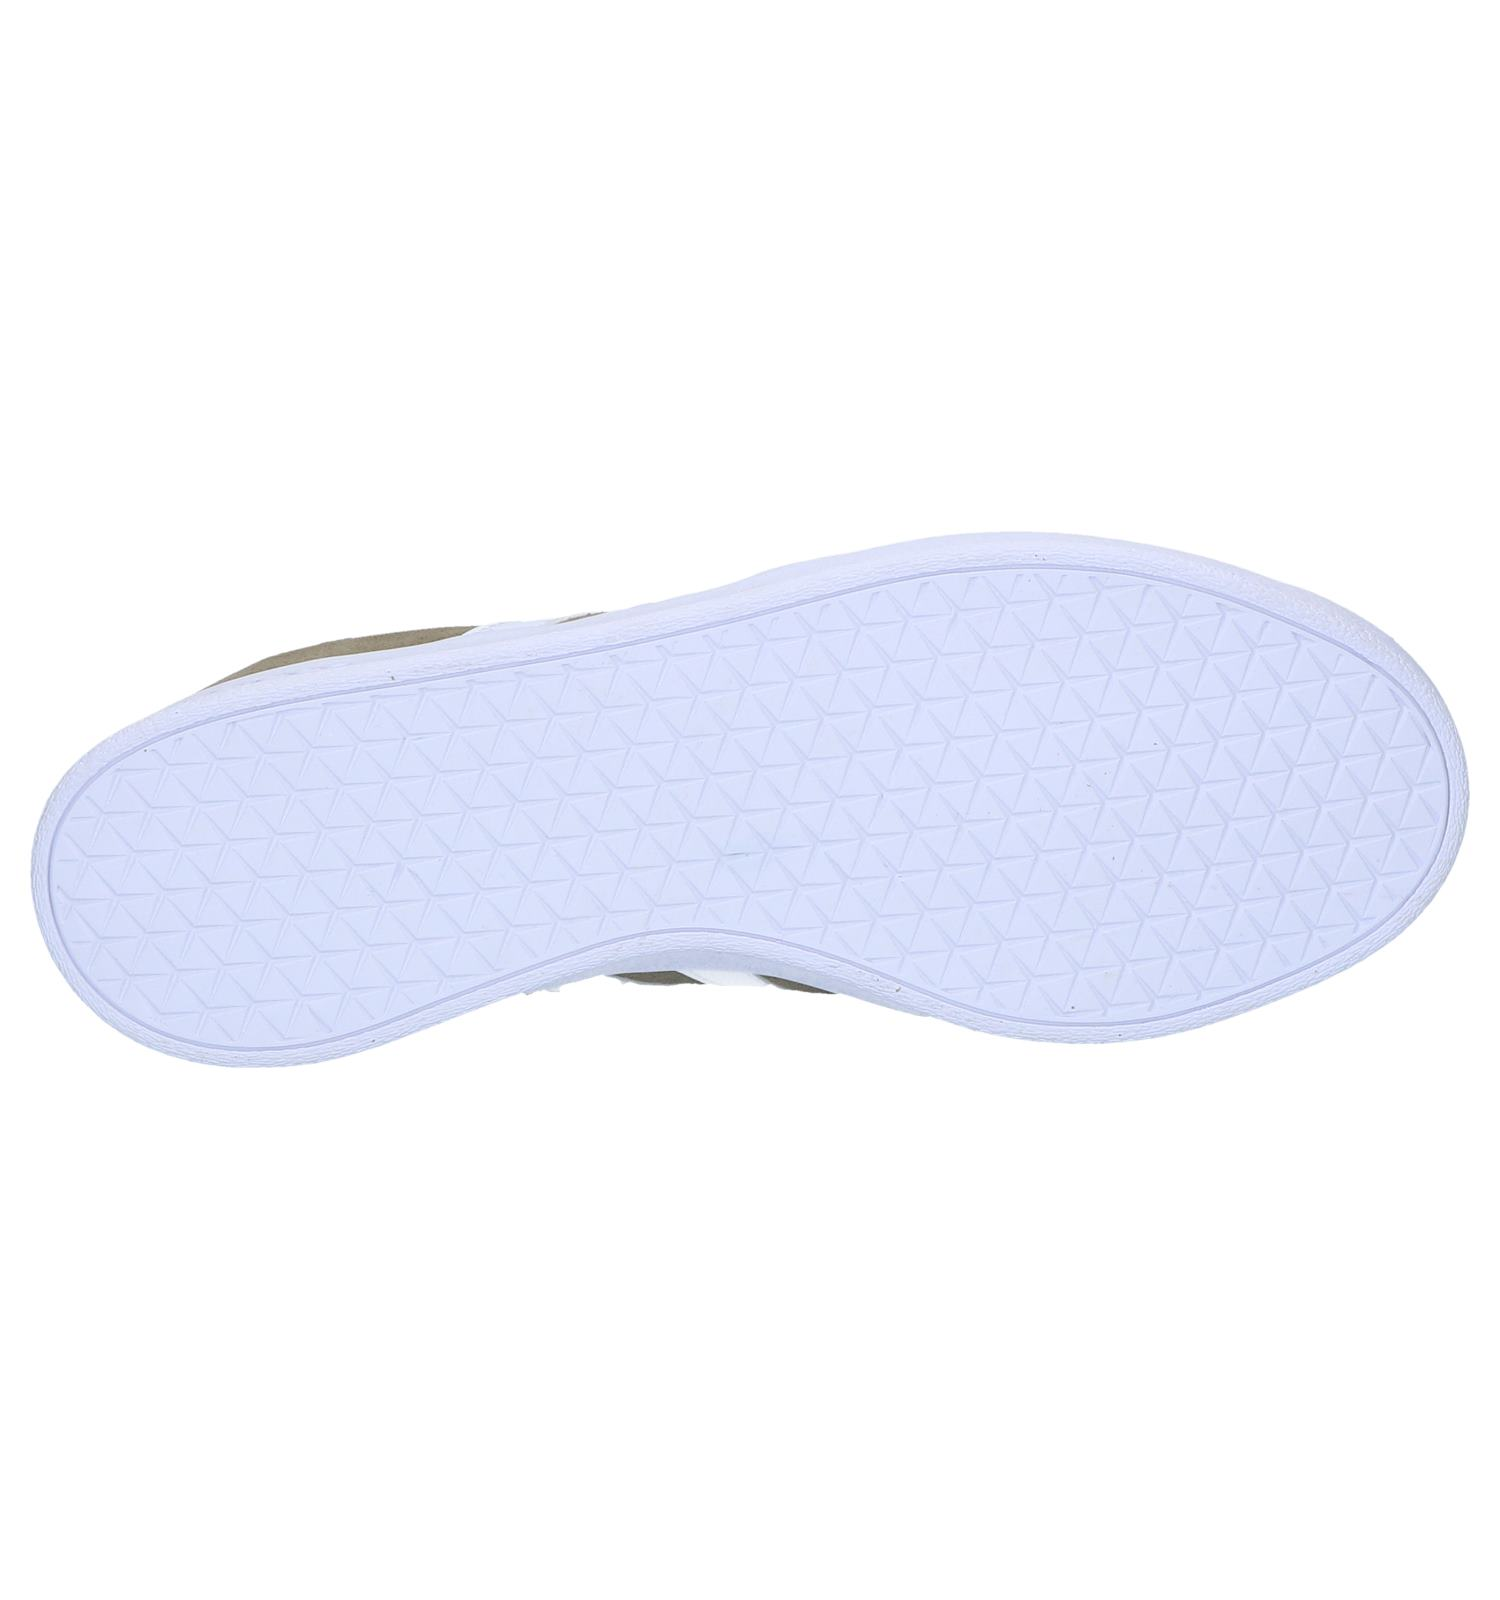 Kaki 2 Vl Adidas Court Sneakers 0 80kOPNwXn